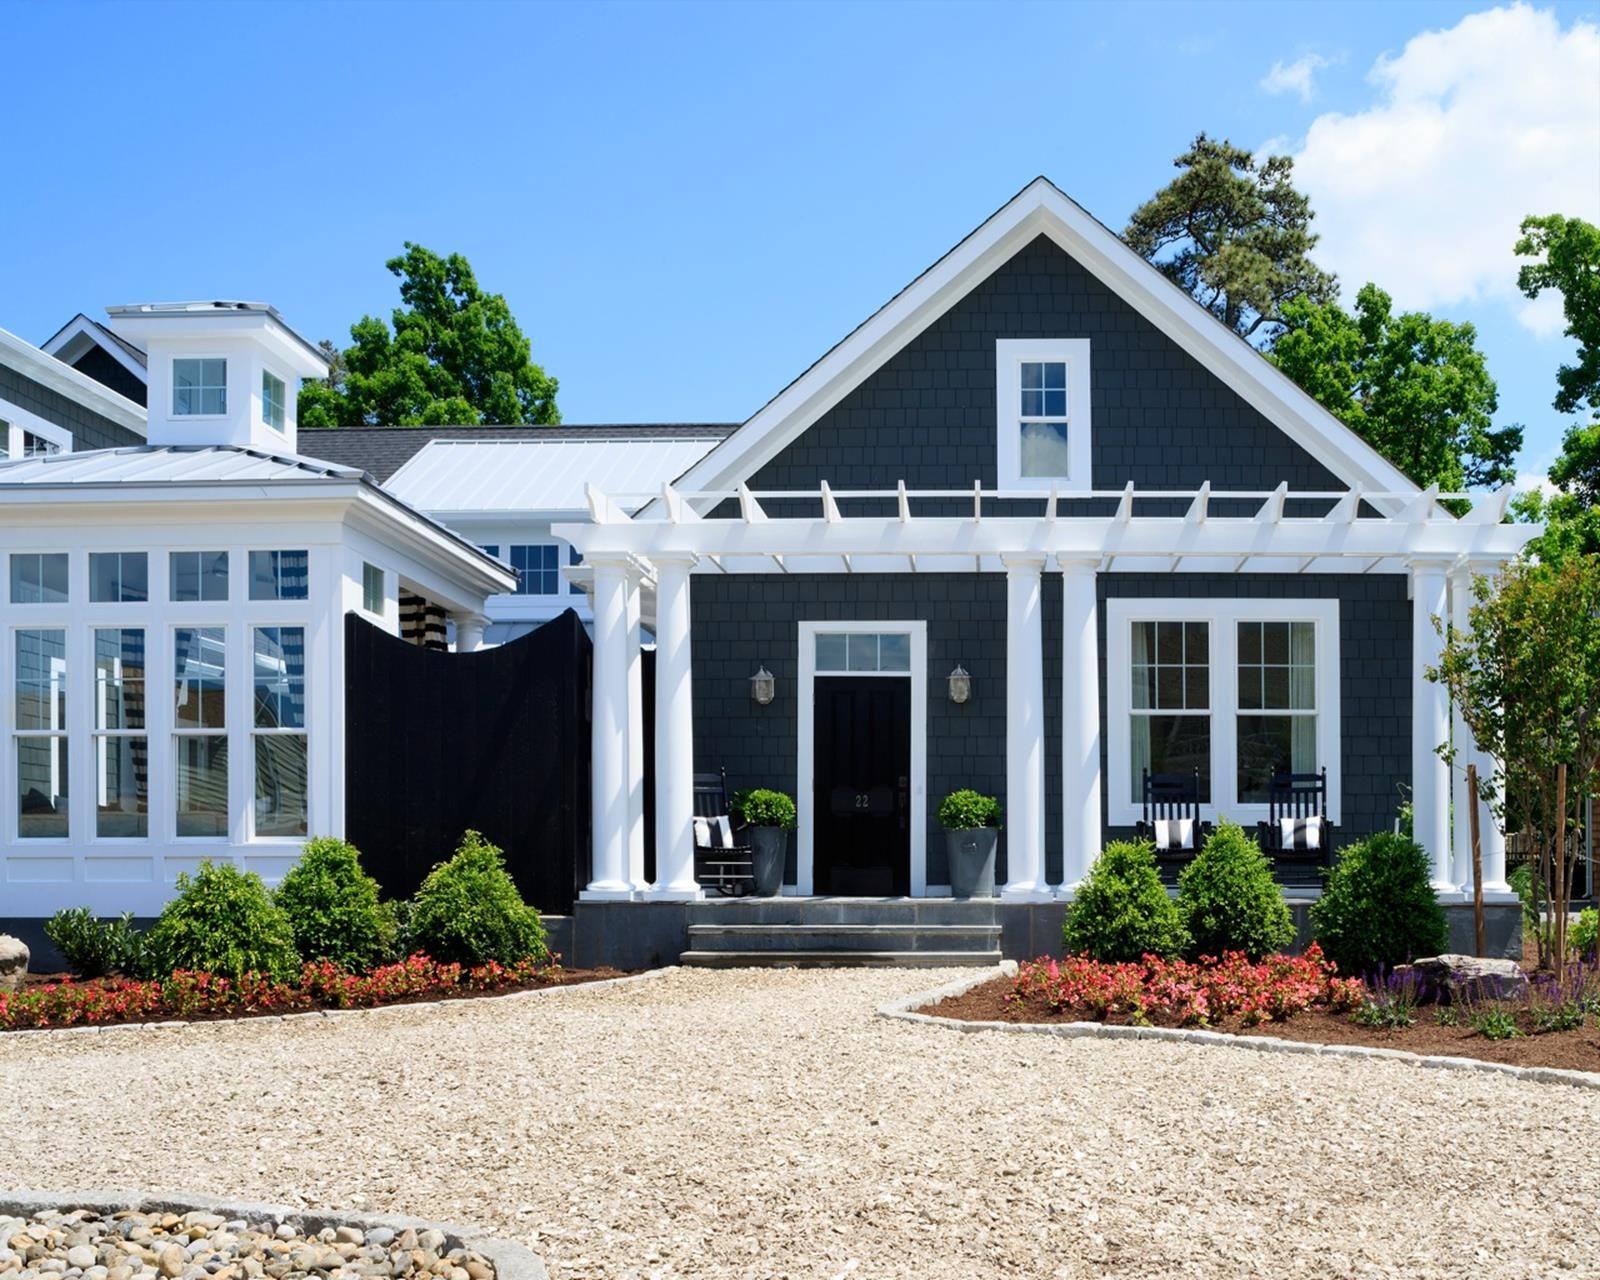 Coastal Blue Exterior Paint Colors Living Ideas 16 Its Home Color